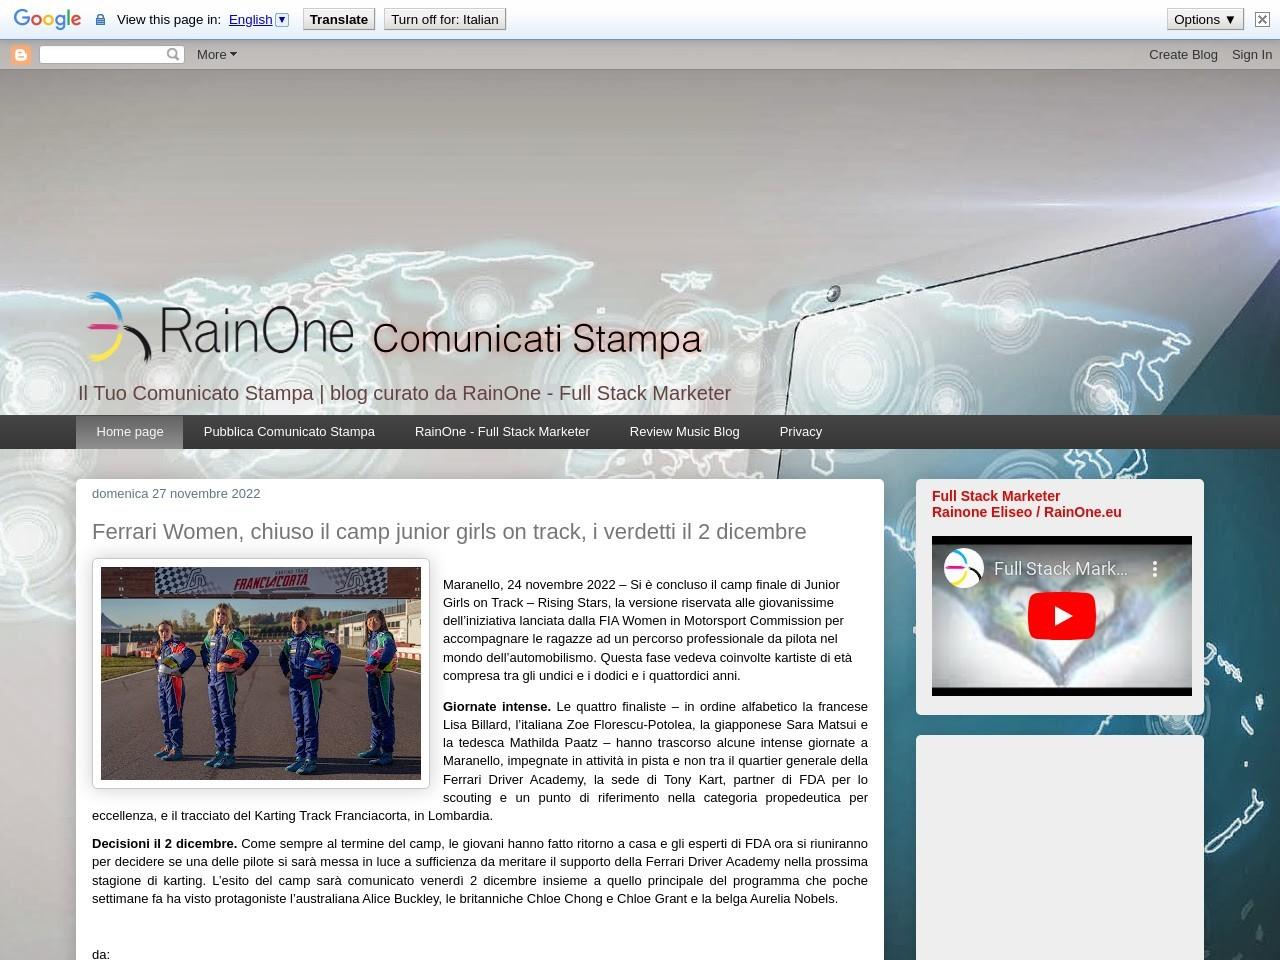 comunicati-stampa-rainone